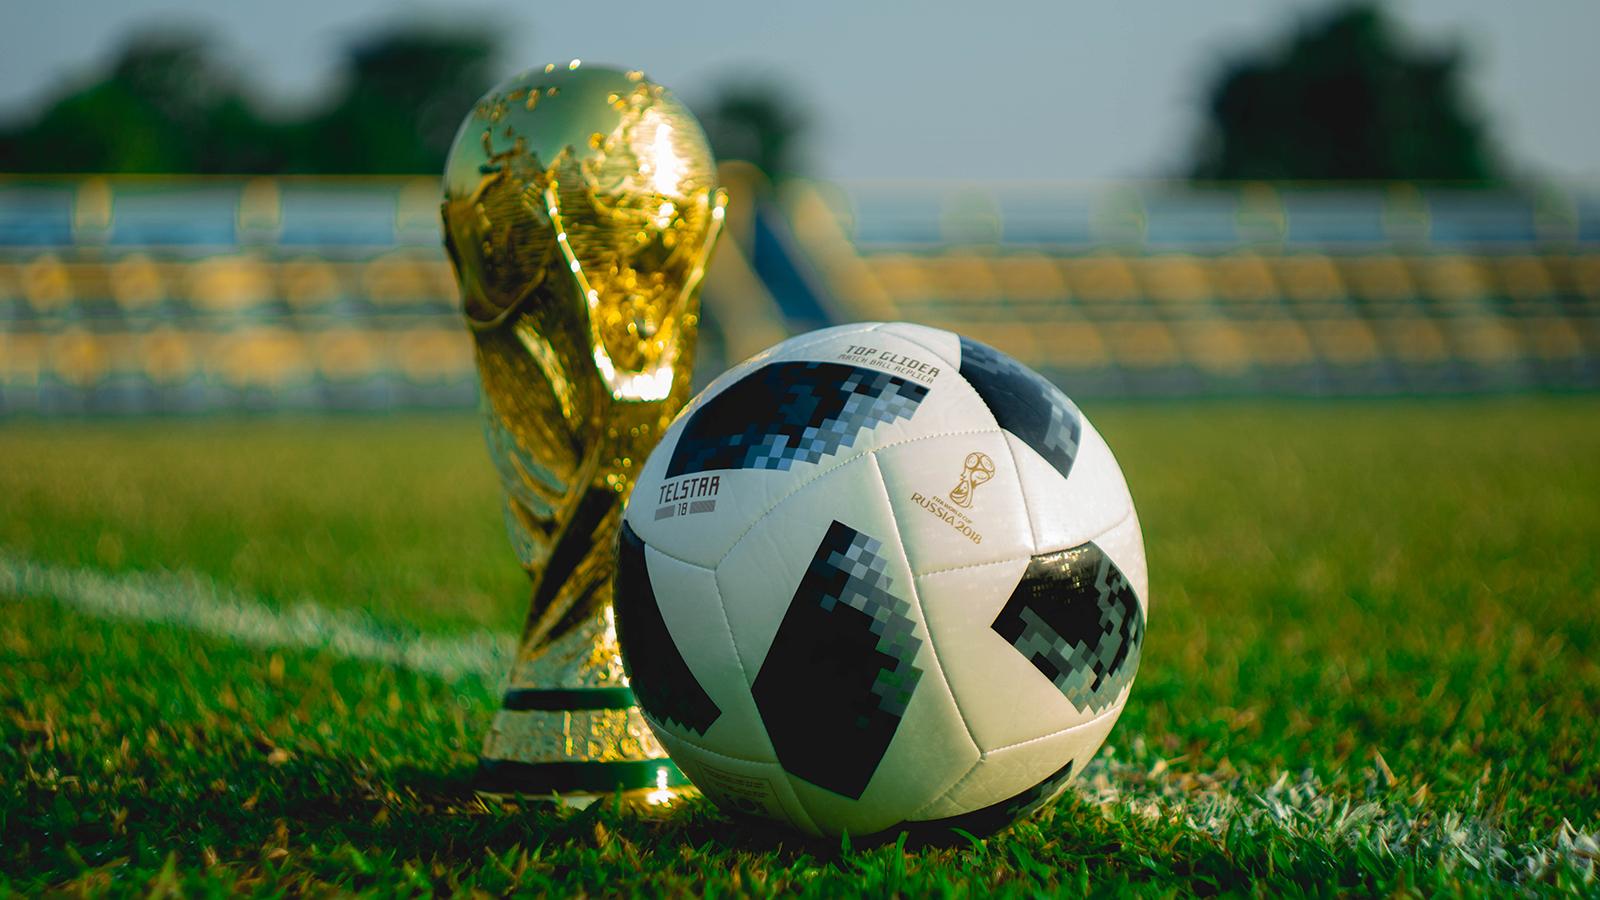 【きょうのスポーツ】勝てばW杯最終予選確定!南野拓実の6試合連続弾&久保建英の最年少ゴールに期待|サッカー日本代表